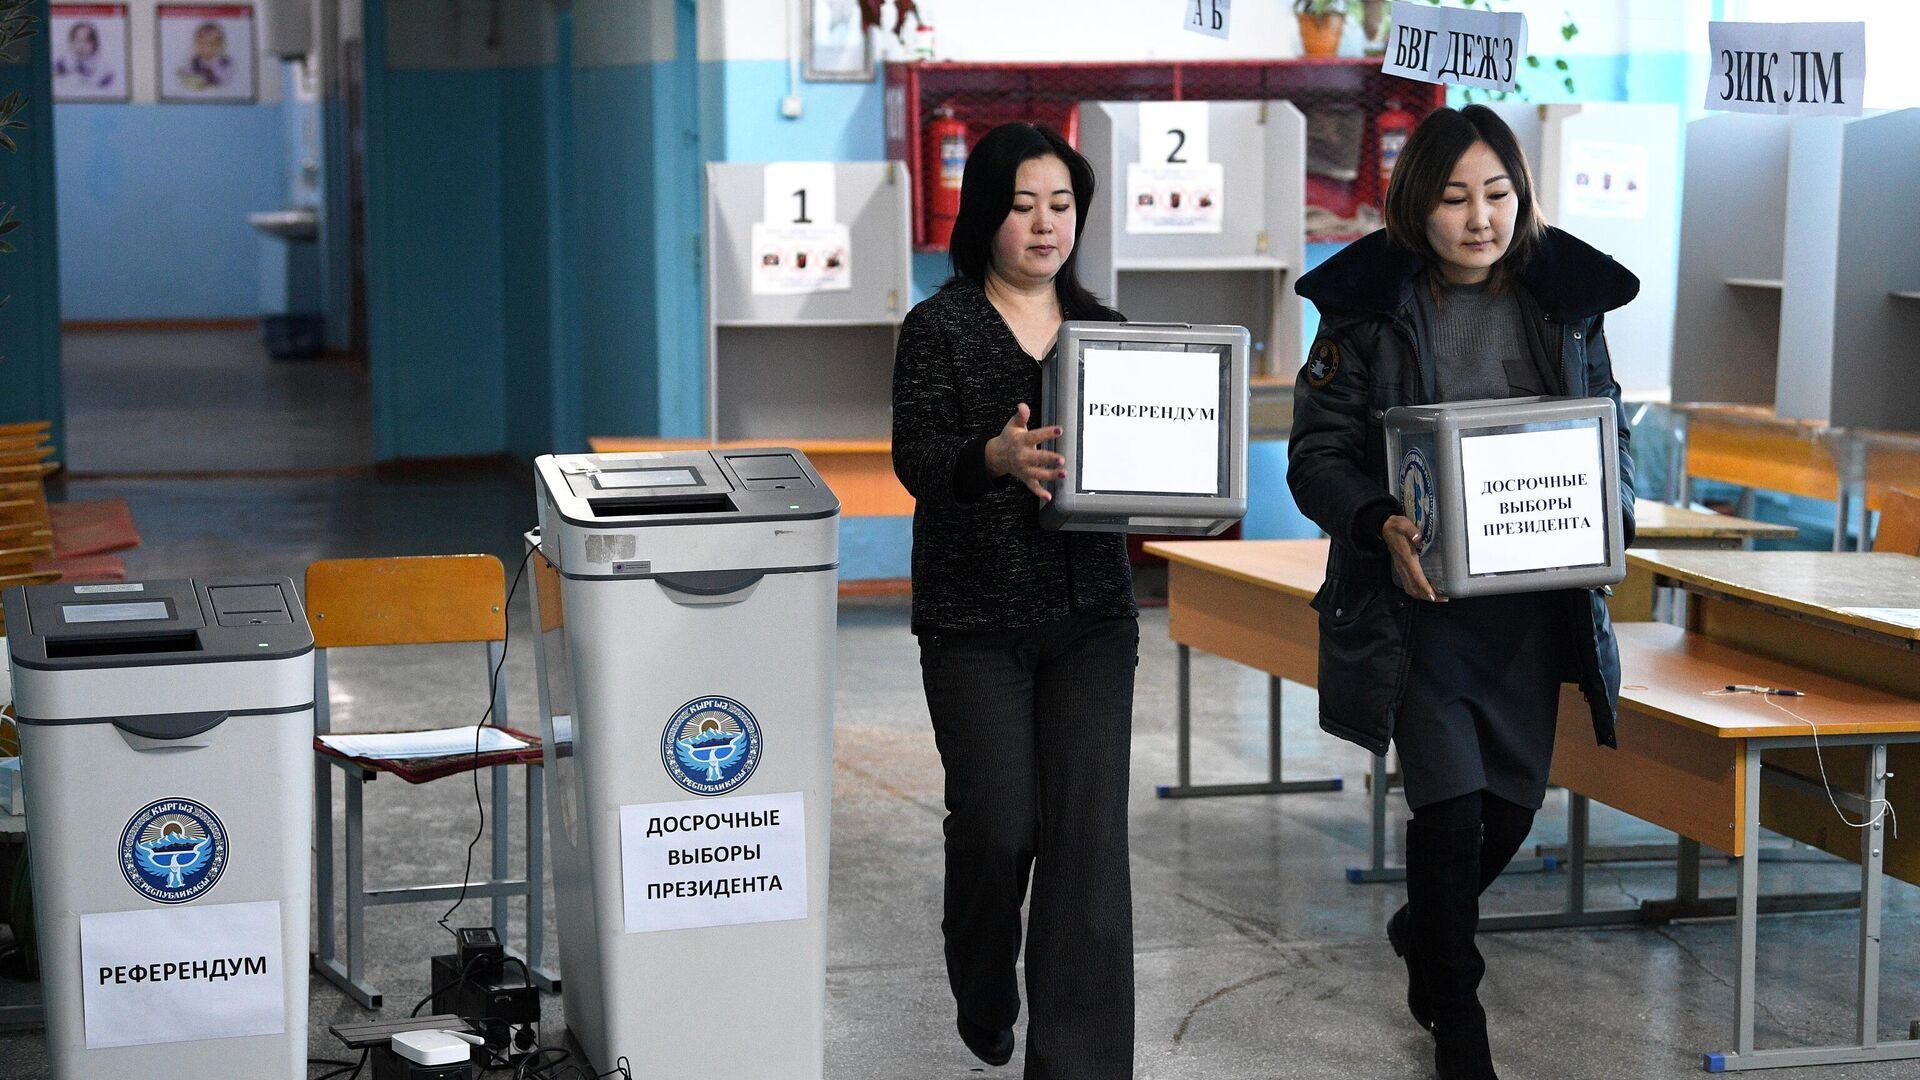 В Киргизии открылись избирательные участки для выборов президента